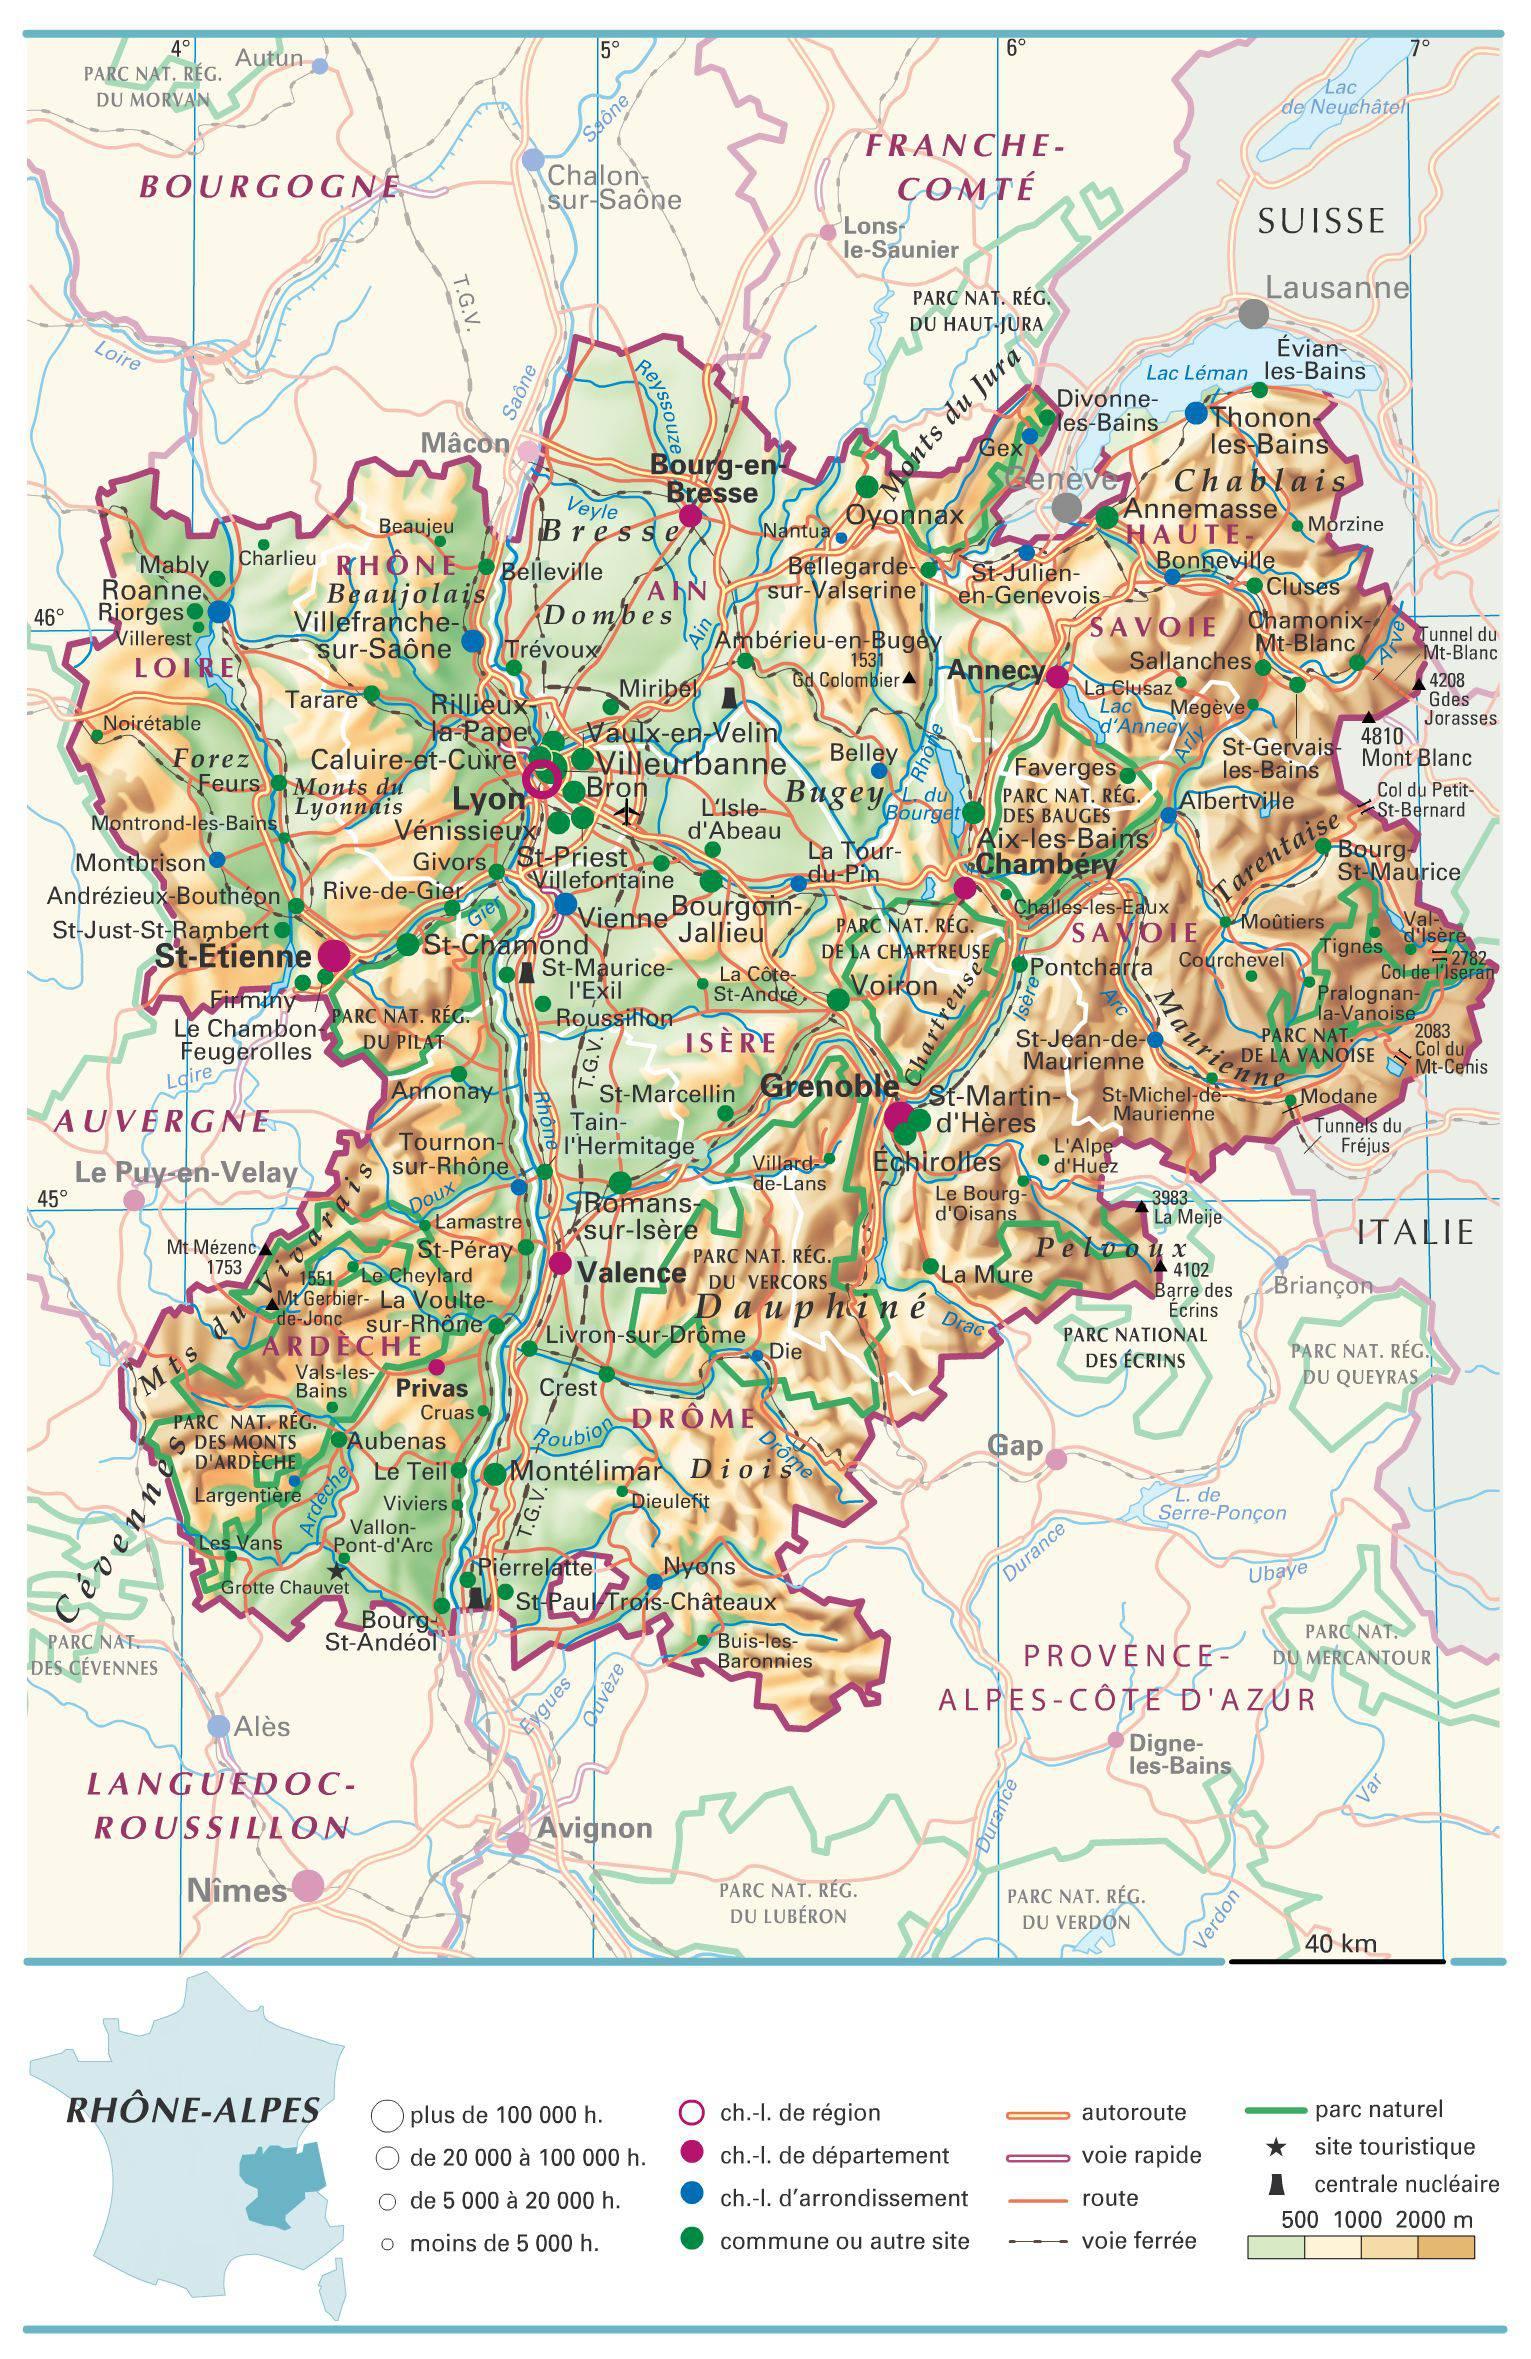 Rhône-Alpes carte